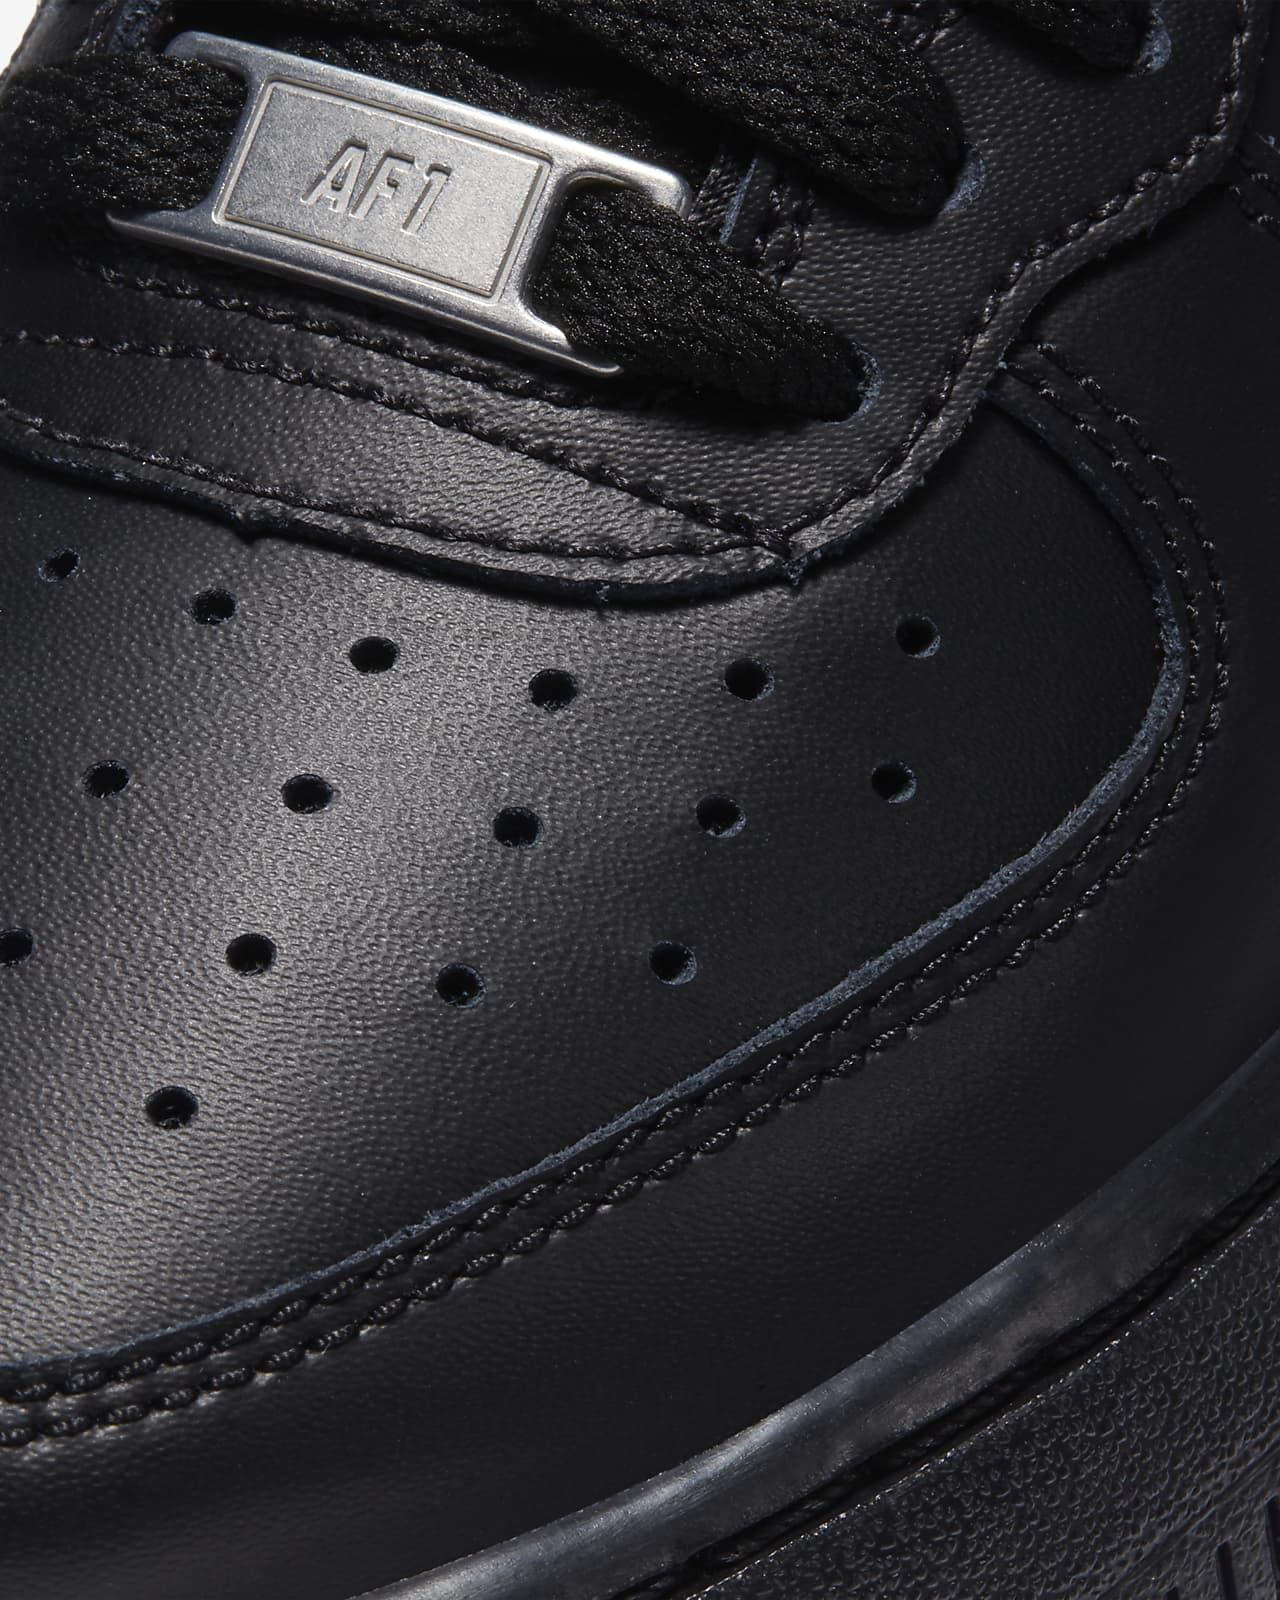 Chaussure Nike Air Force 1 06 mi-montante pour Garçon. Nike LU